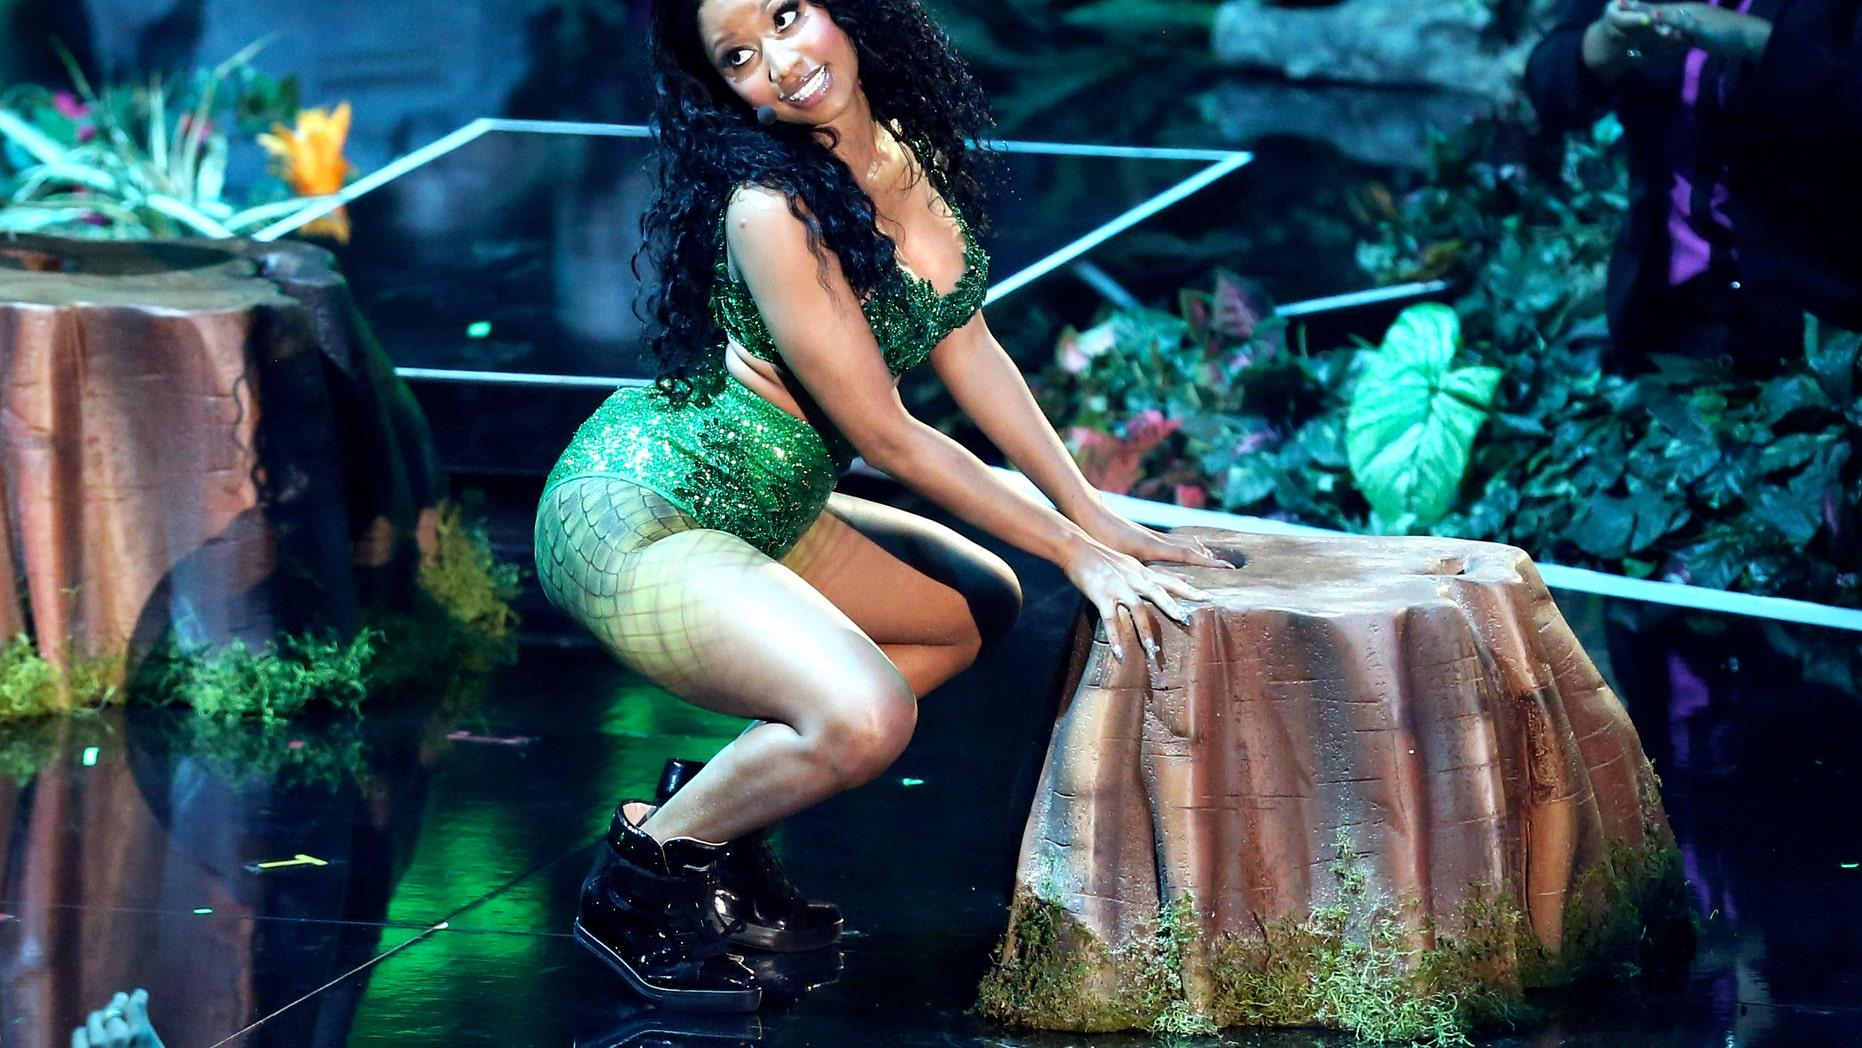 Aug. 24, 2014. Nicki Minaj performs at the MTV Video Music Awards at The Forum in Inglewood, Calif.